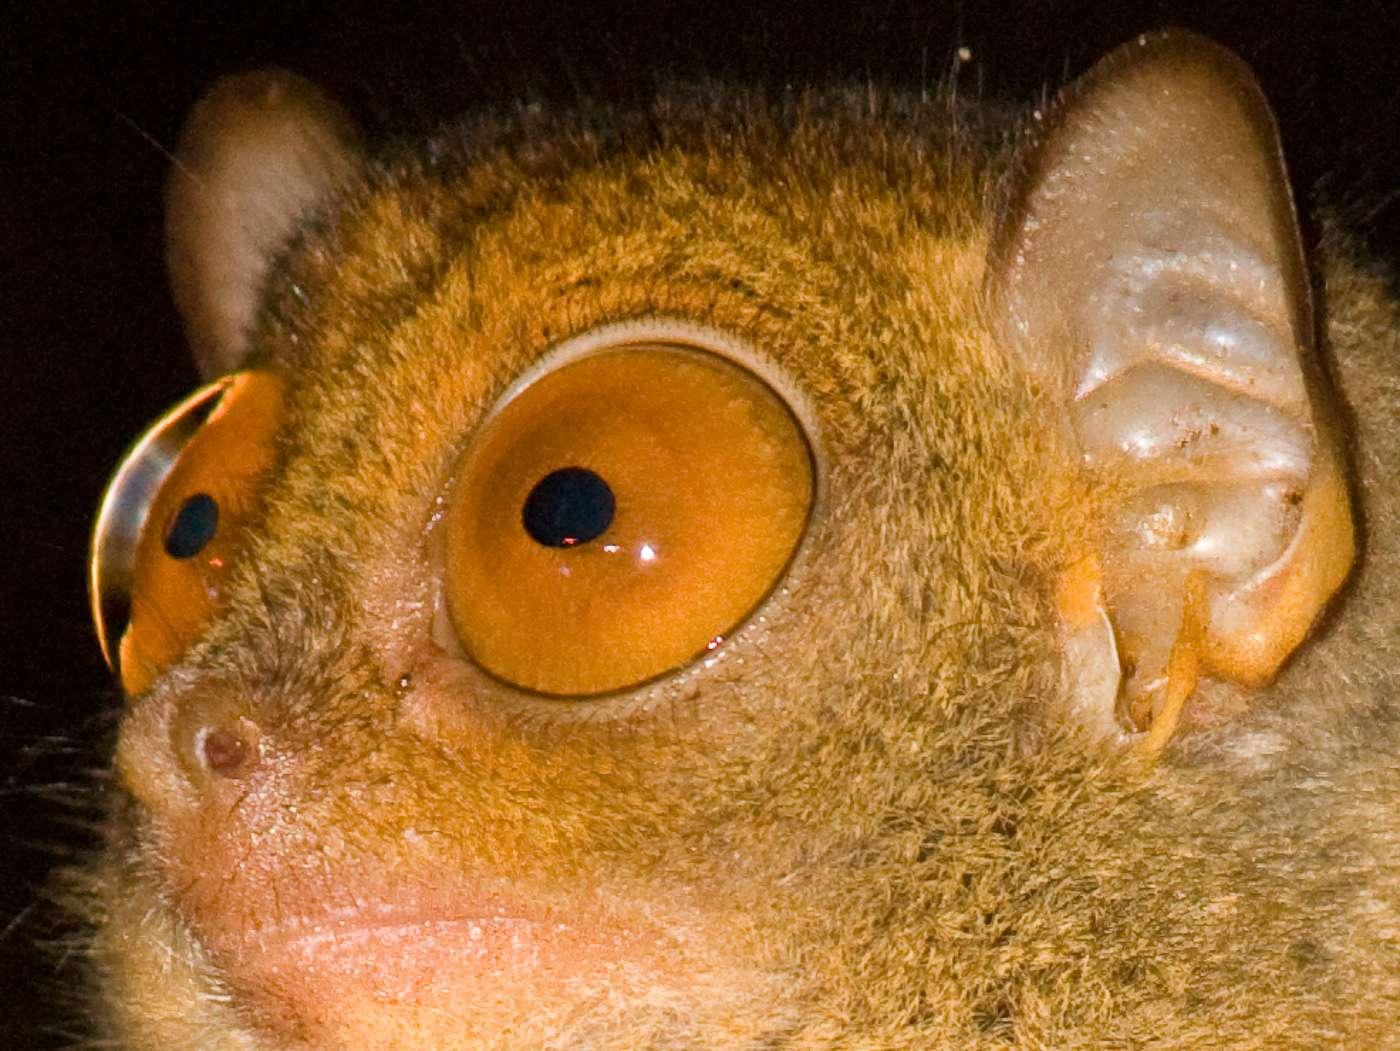 Le tarsier est un animal nocturne. Il a donc des yeux adaptés à la vision de nuit. Ils sont particulièrement grands. © Erwin Bolwidt, Flickr, CC by-nc-sa 2.0